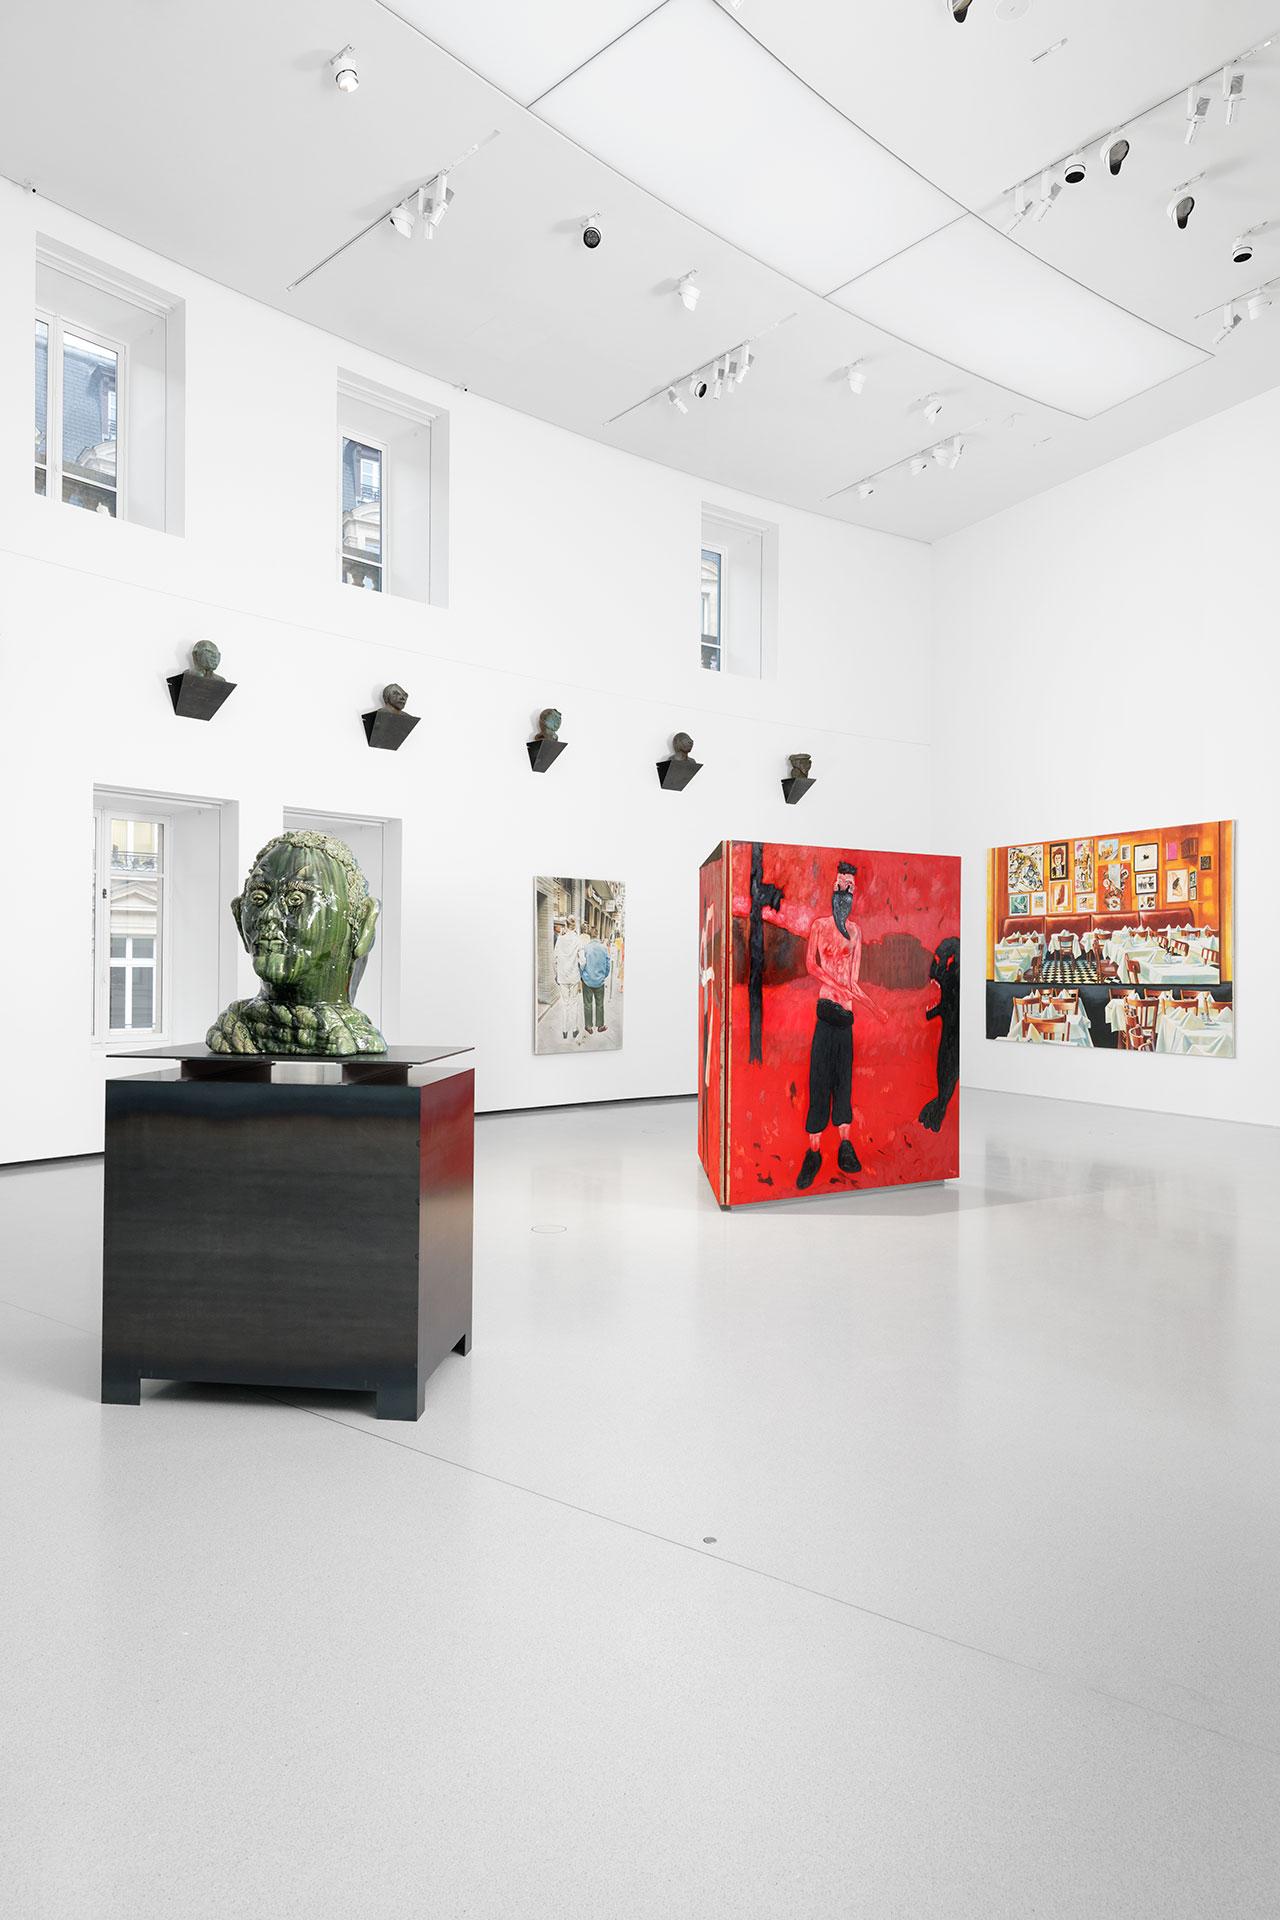 Exhibition views of Ouverture, Bourse de Commerce — Pinault Collection, Paris, 2021. Photo Aurélien Mole